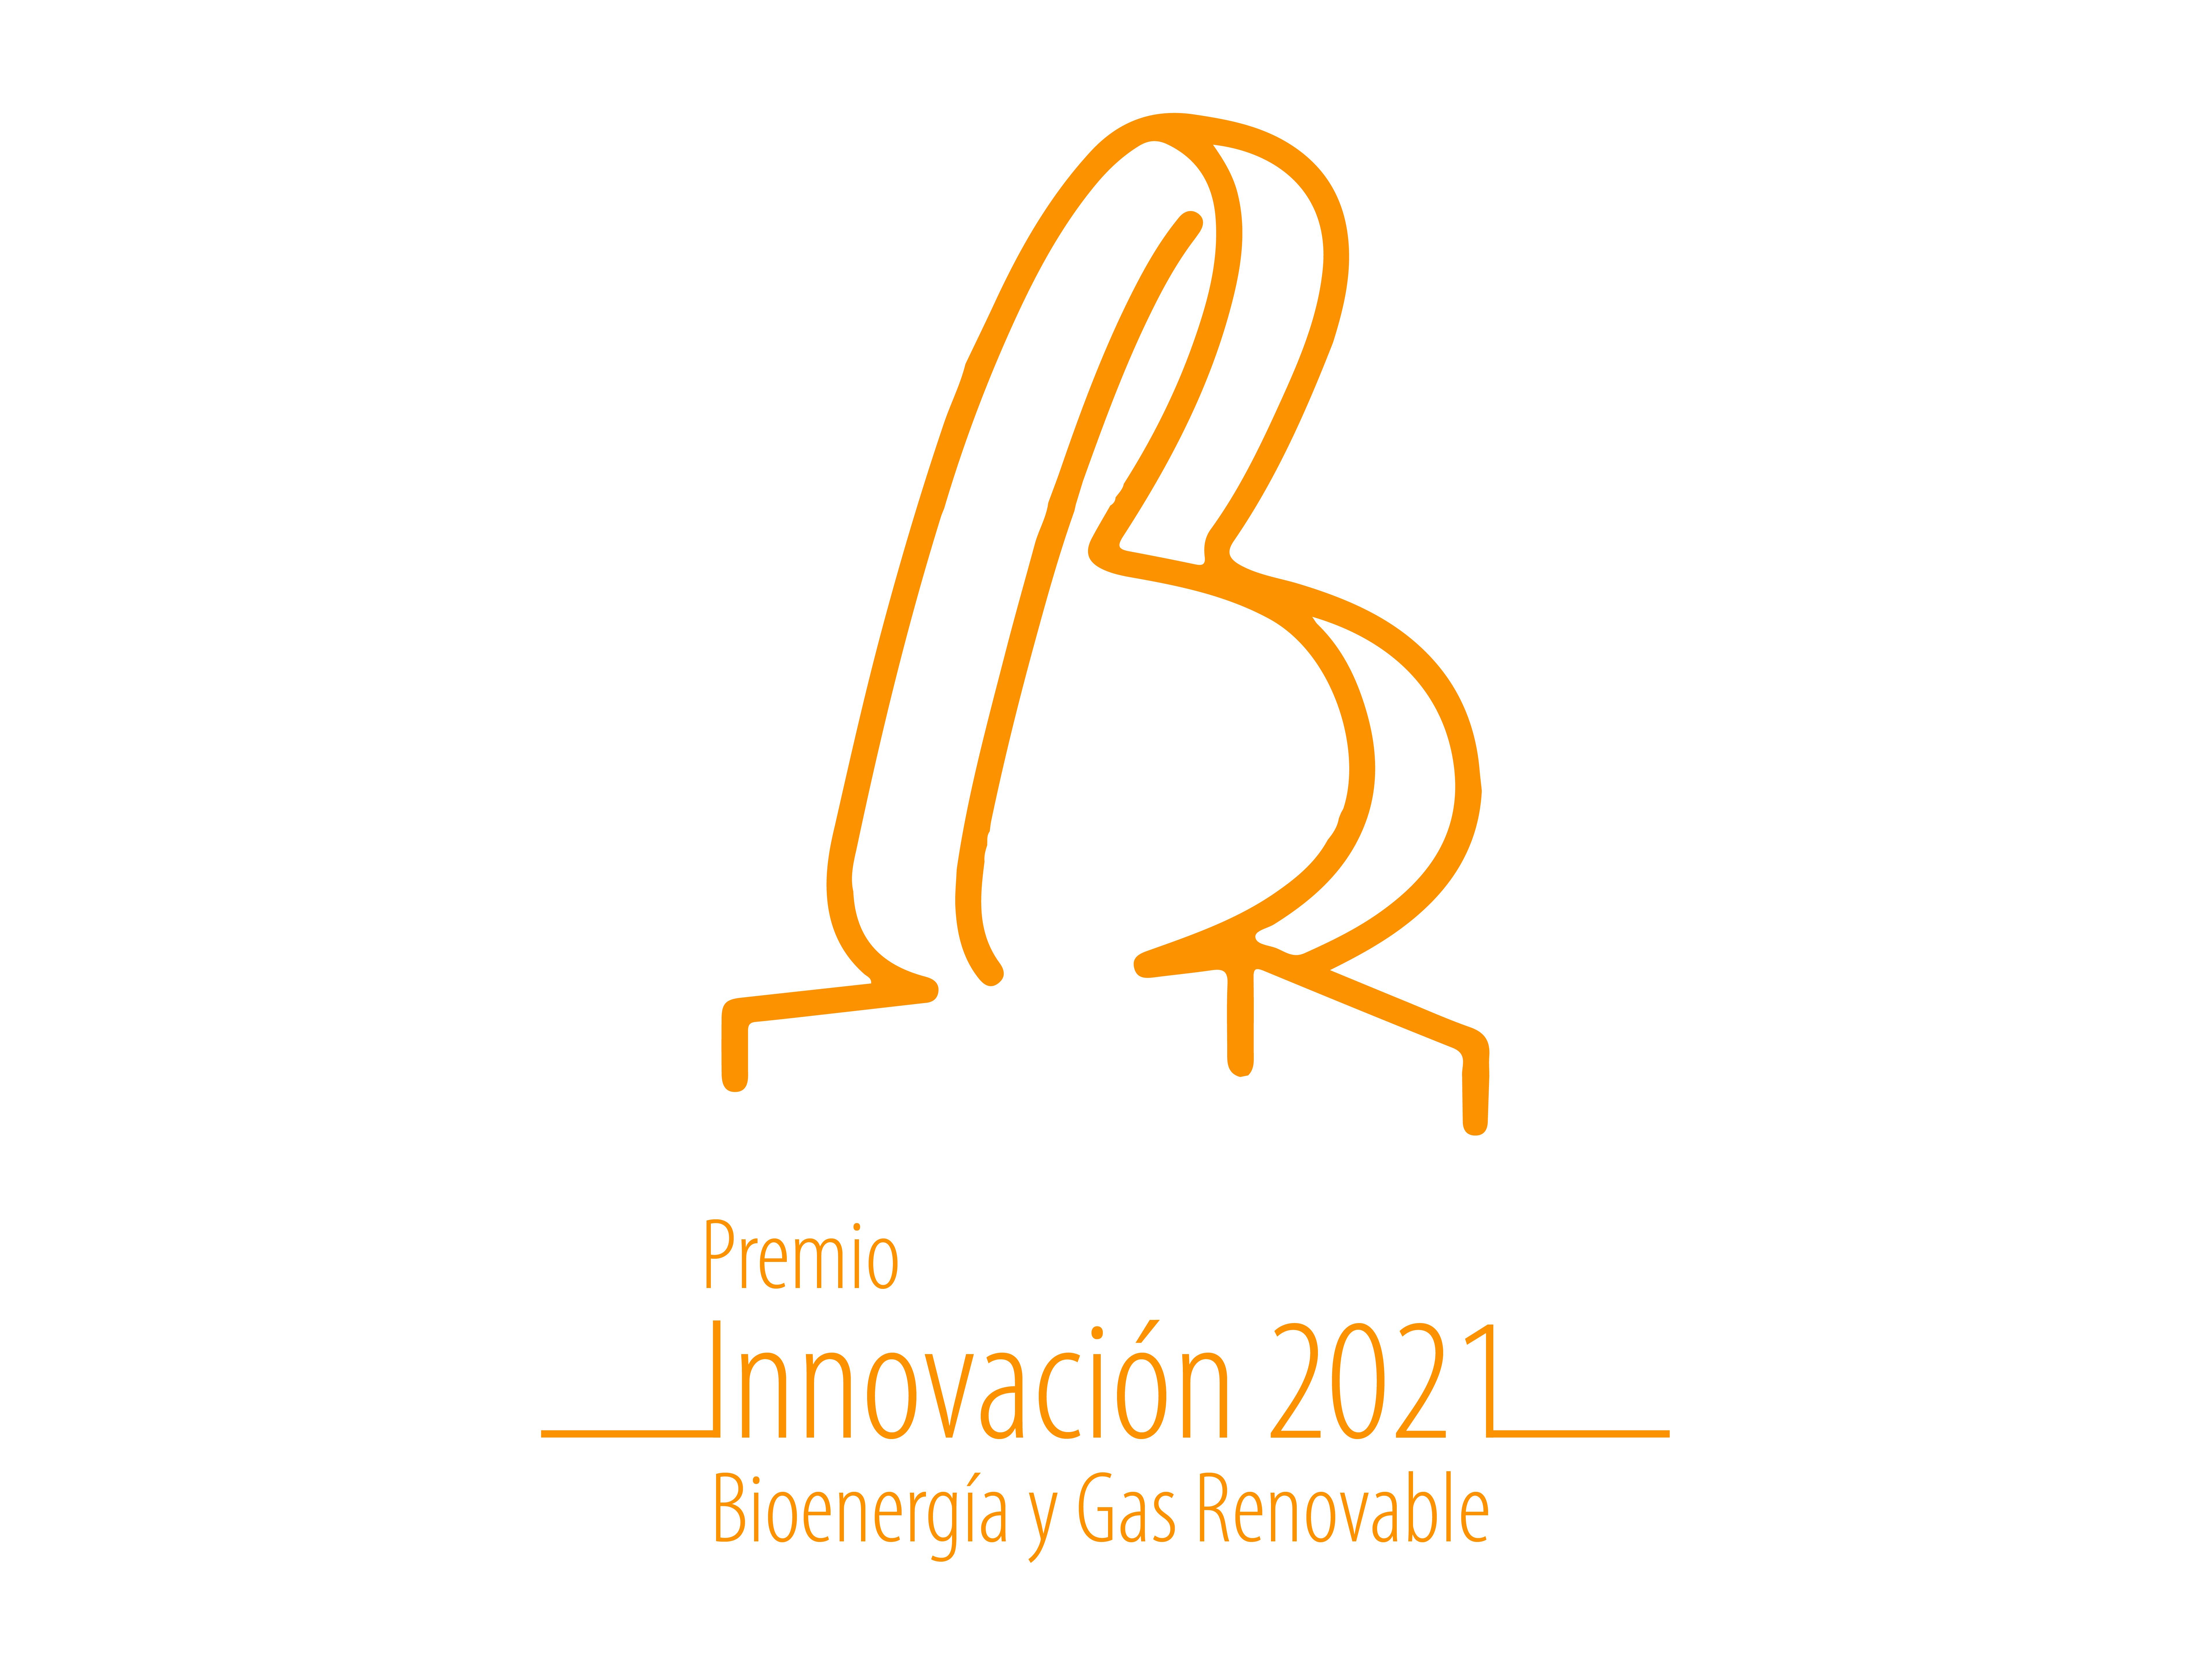 Prêmio de inovação